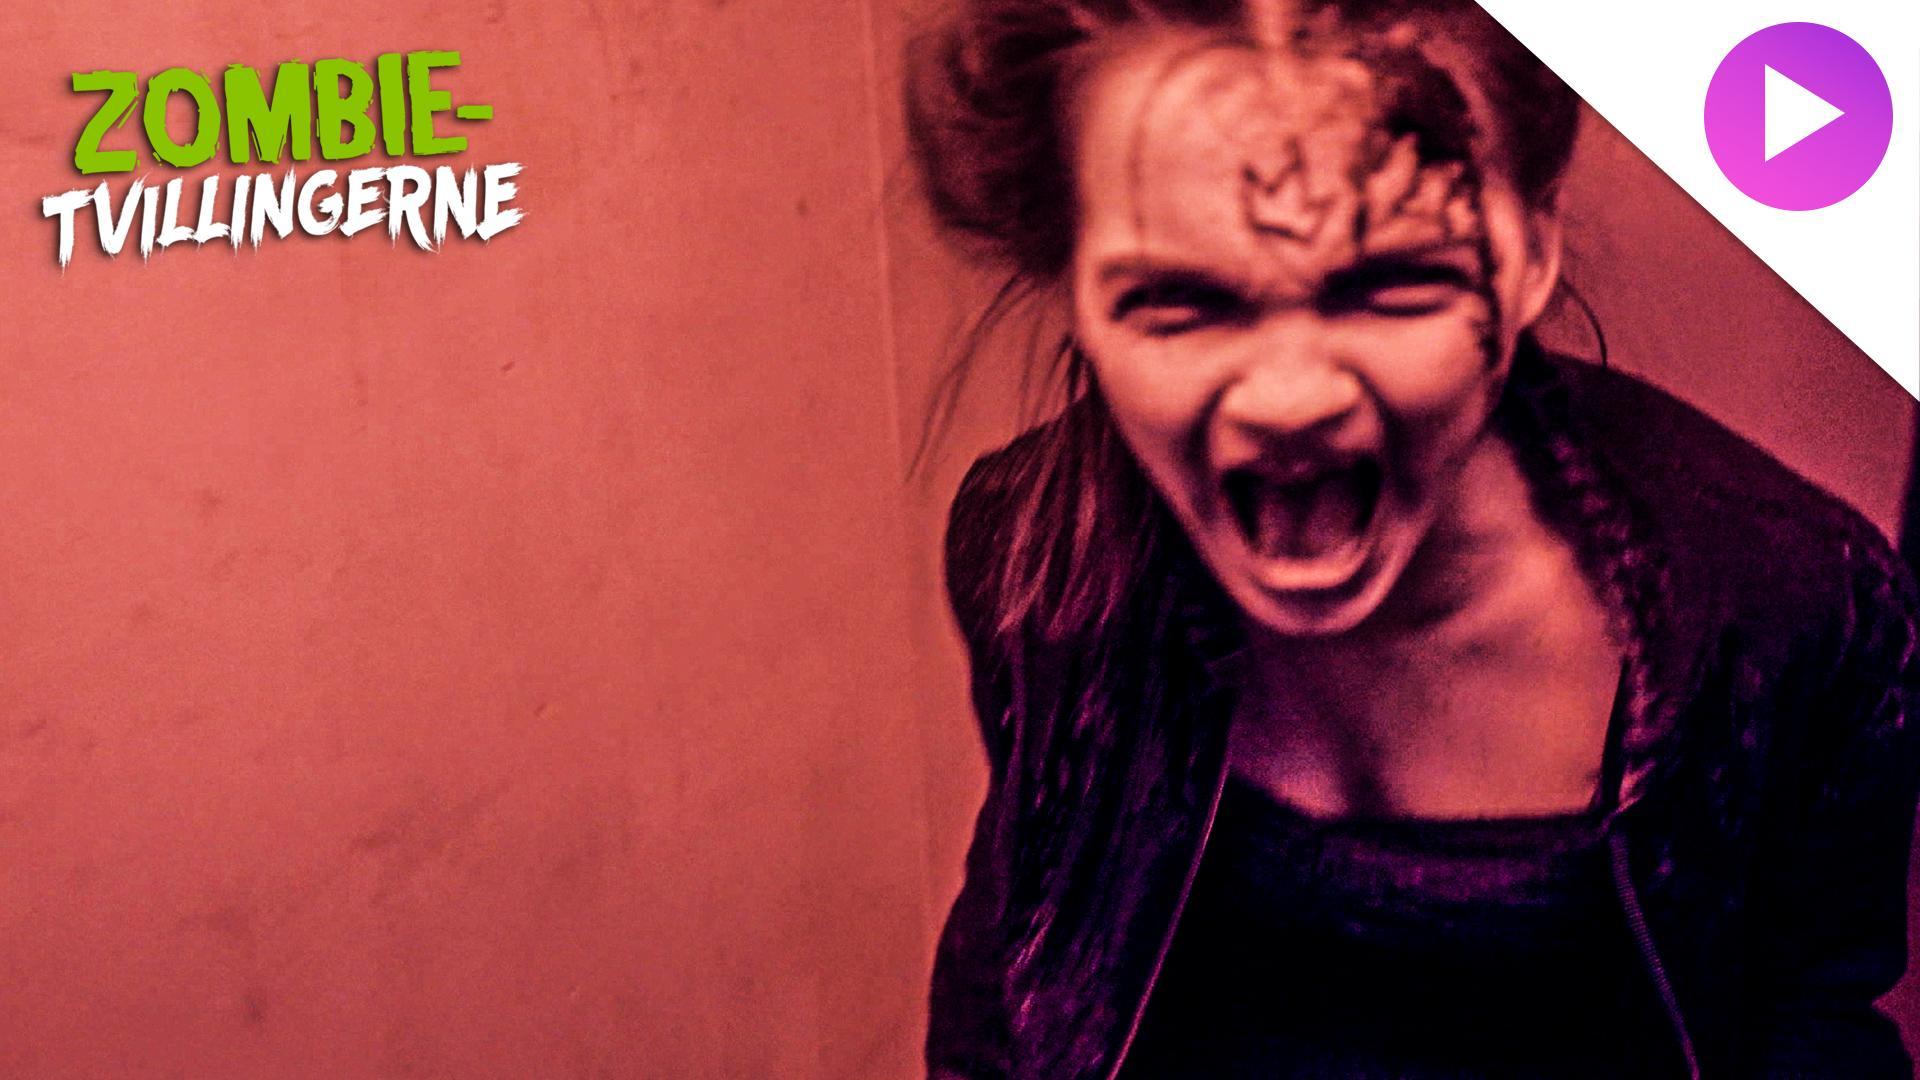 zombie-tvillingerne_01_drupal.jpg